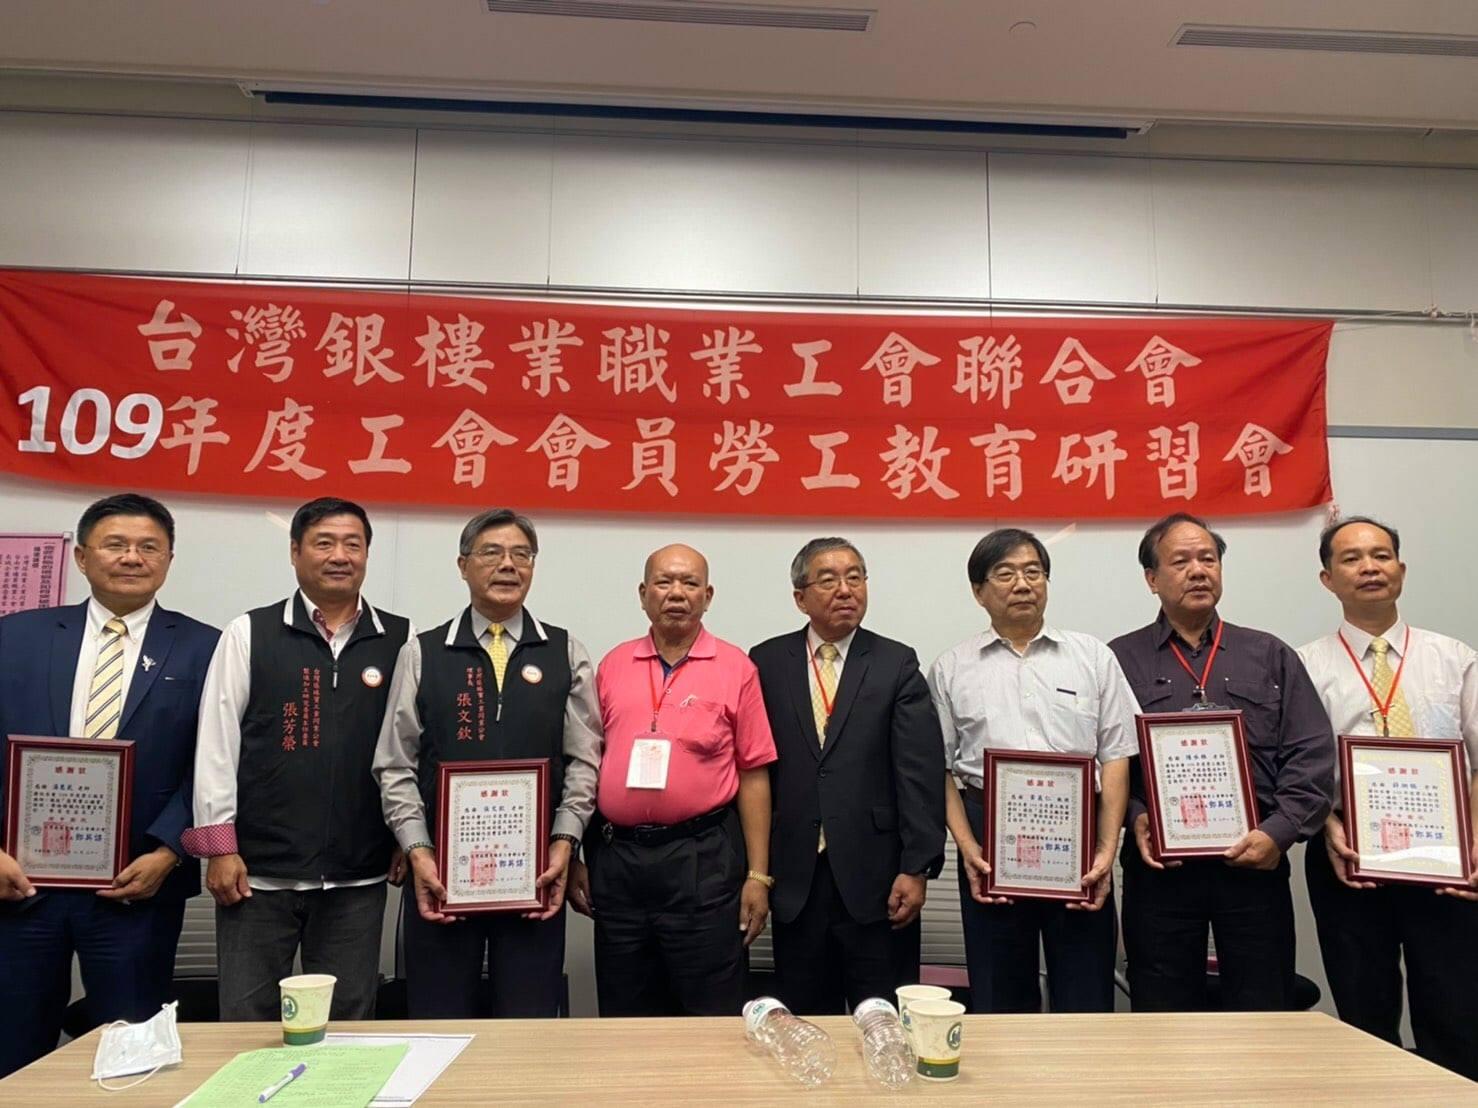 台灣銀樓業職業工會聯合會109年度工會會員勞工教育研習會